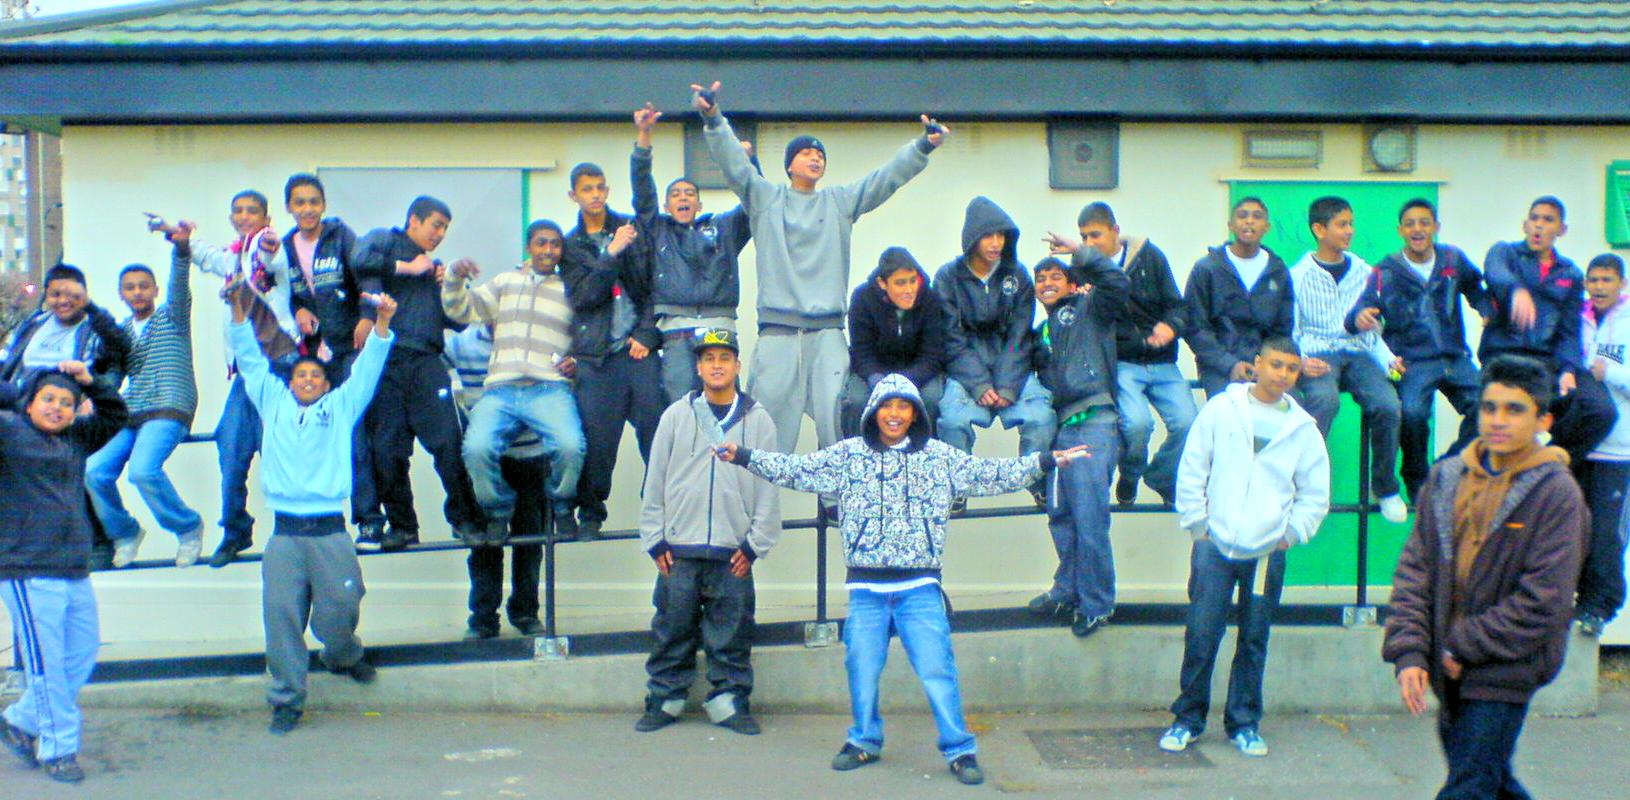 gangs london Asian in